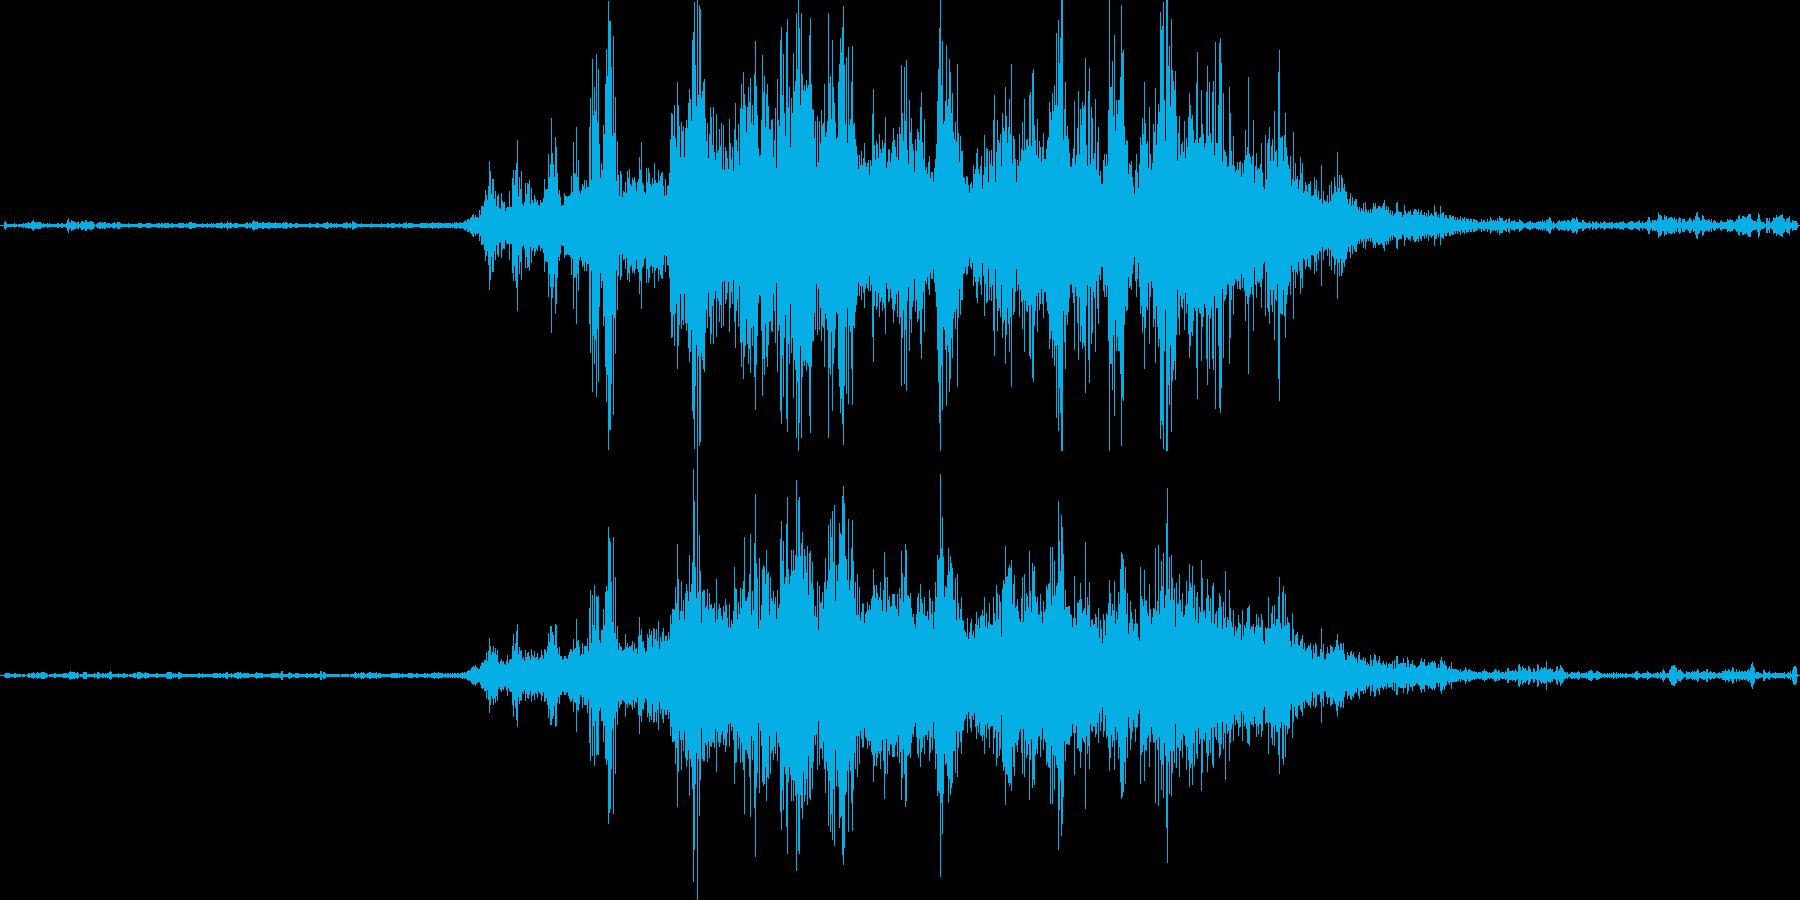 バイノーラル録音戦闘機8の再生済みの波形